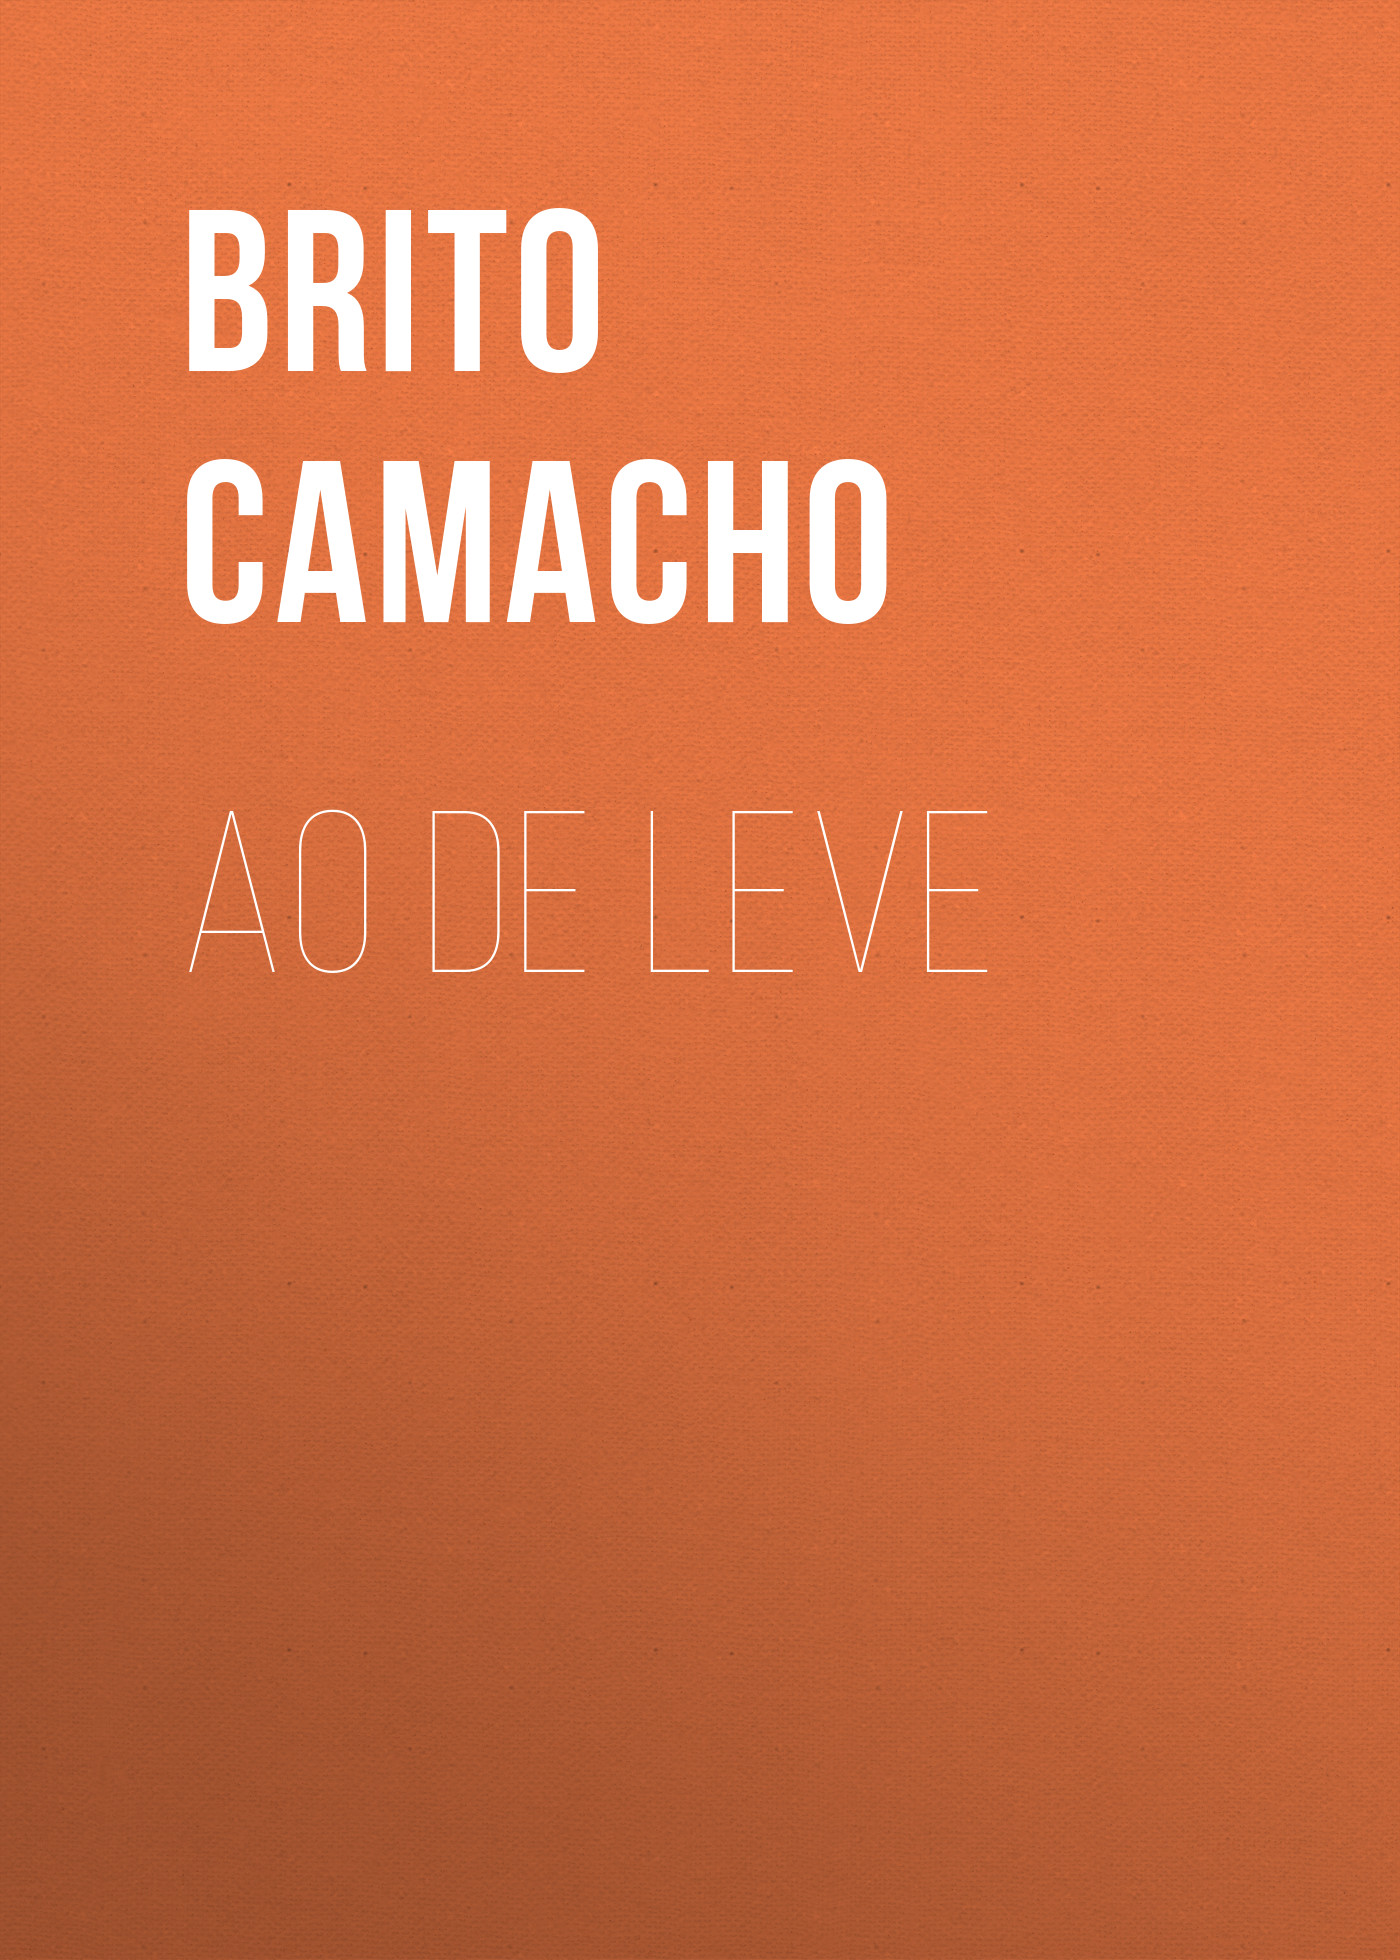 Camacho Brito Ao de Leve carlos camacho lost in love